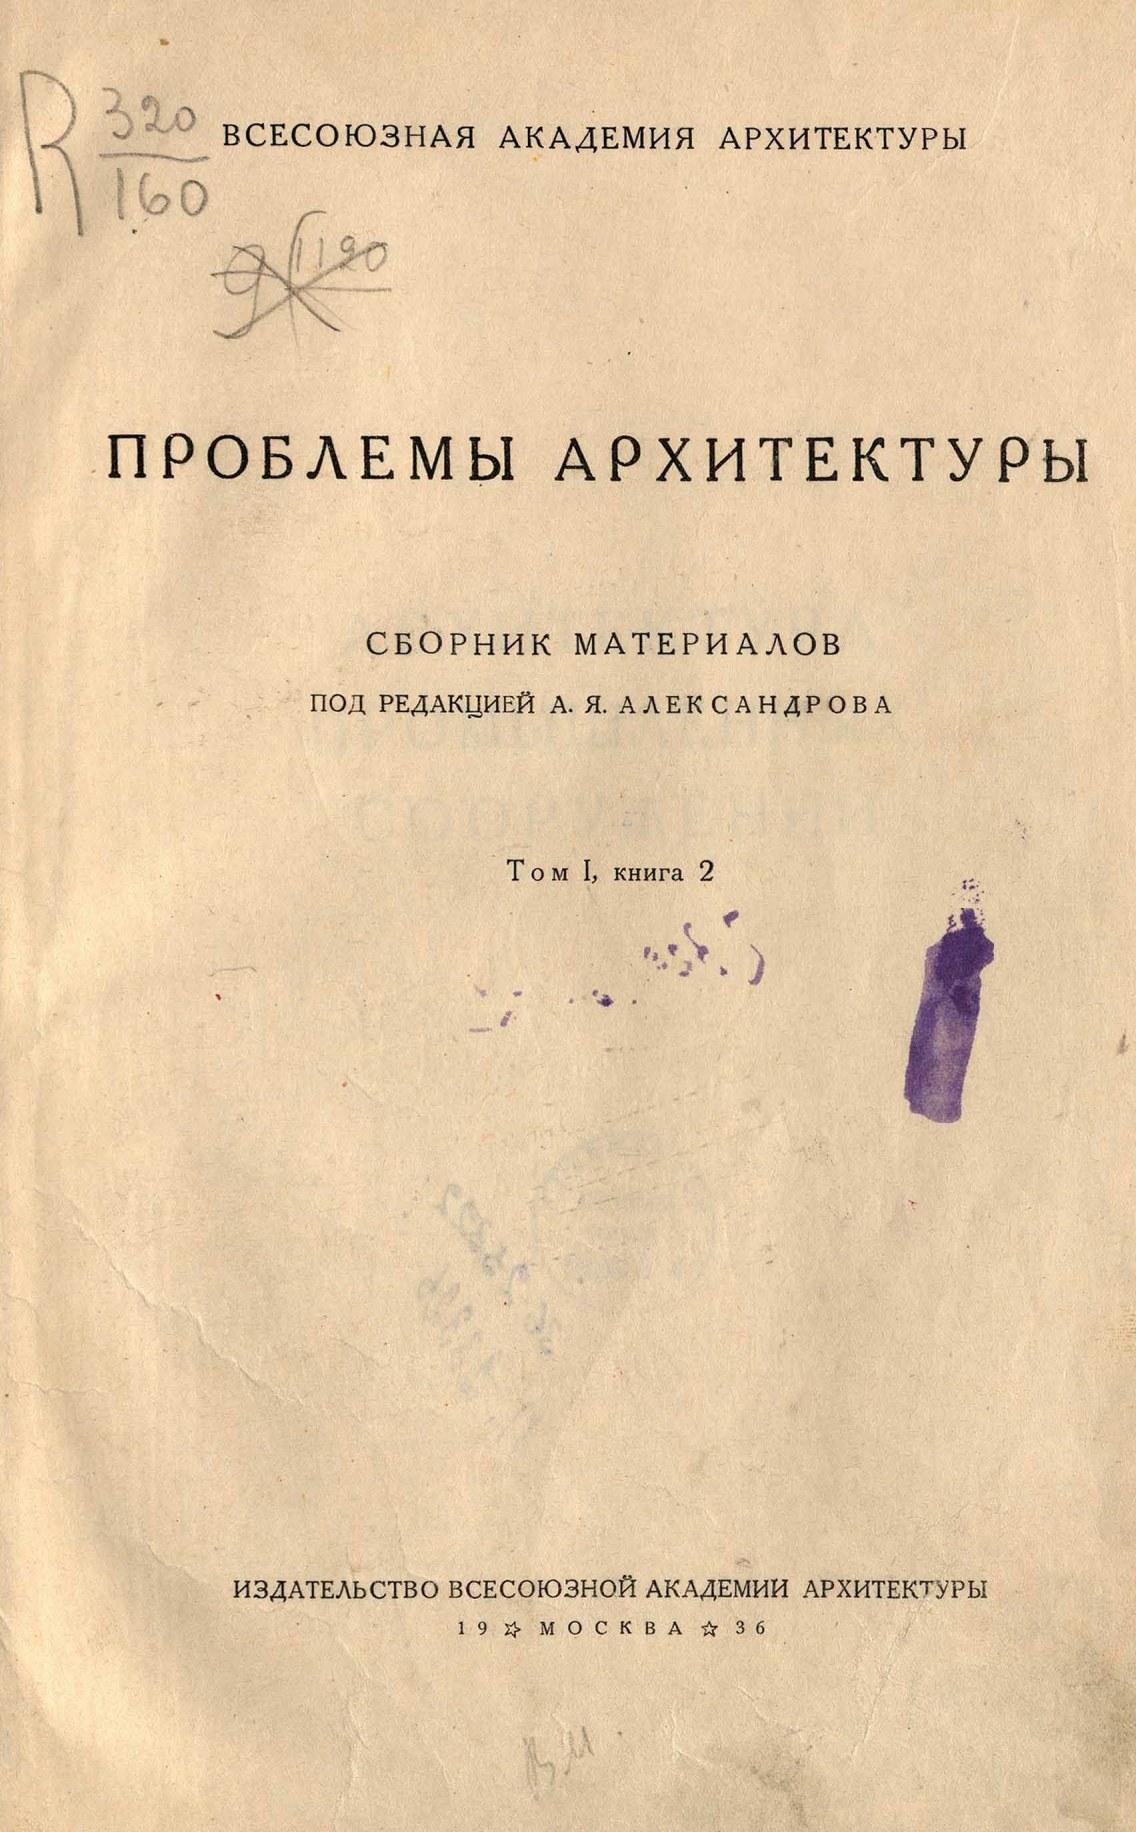 «Проблемы архитектуры : Сборник материалов : Том I, книга 2» (Москва : Издательство Всесоюзной Академии архитектуры, 1936)